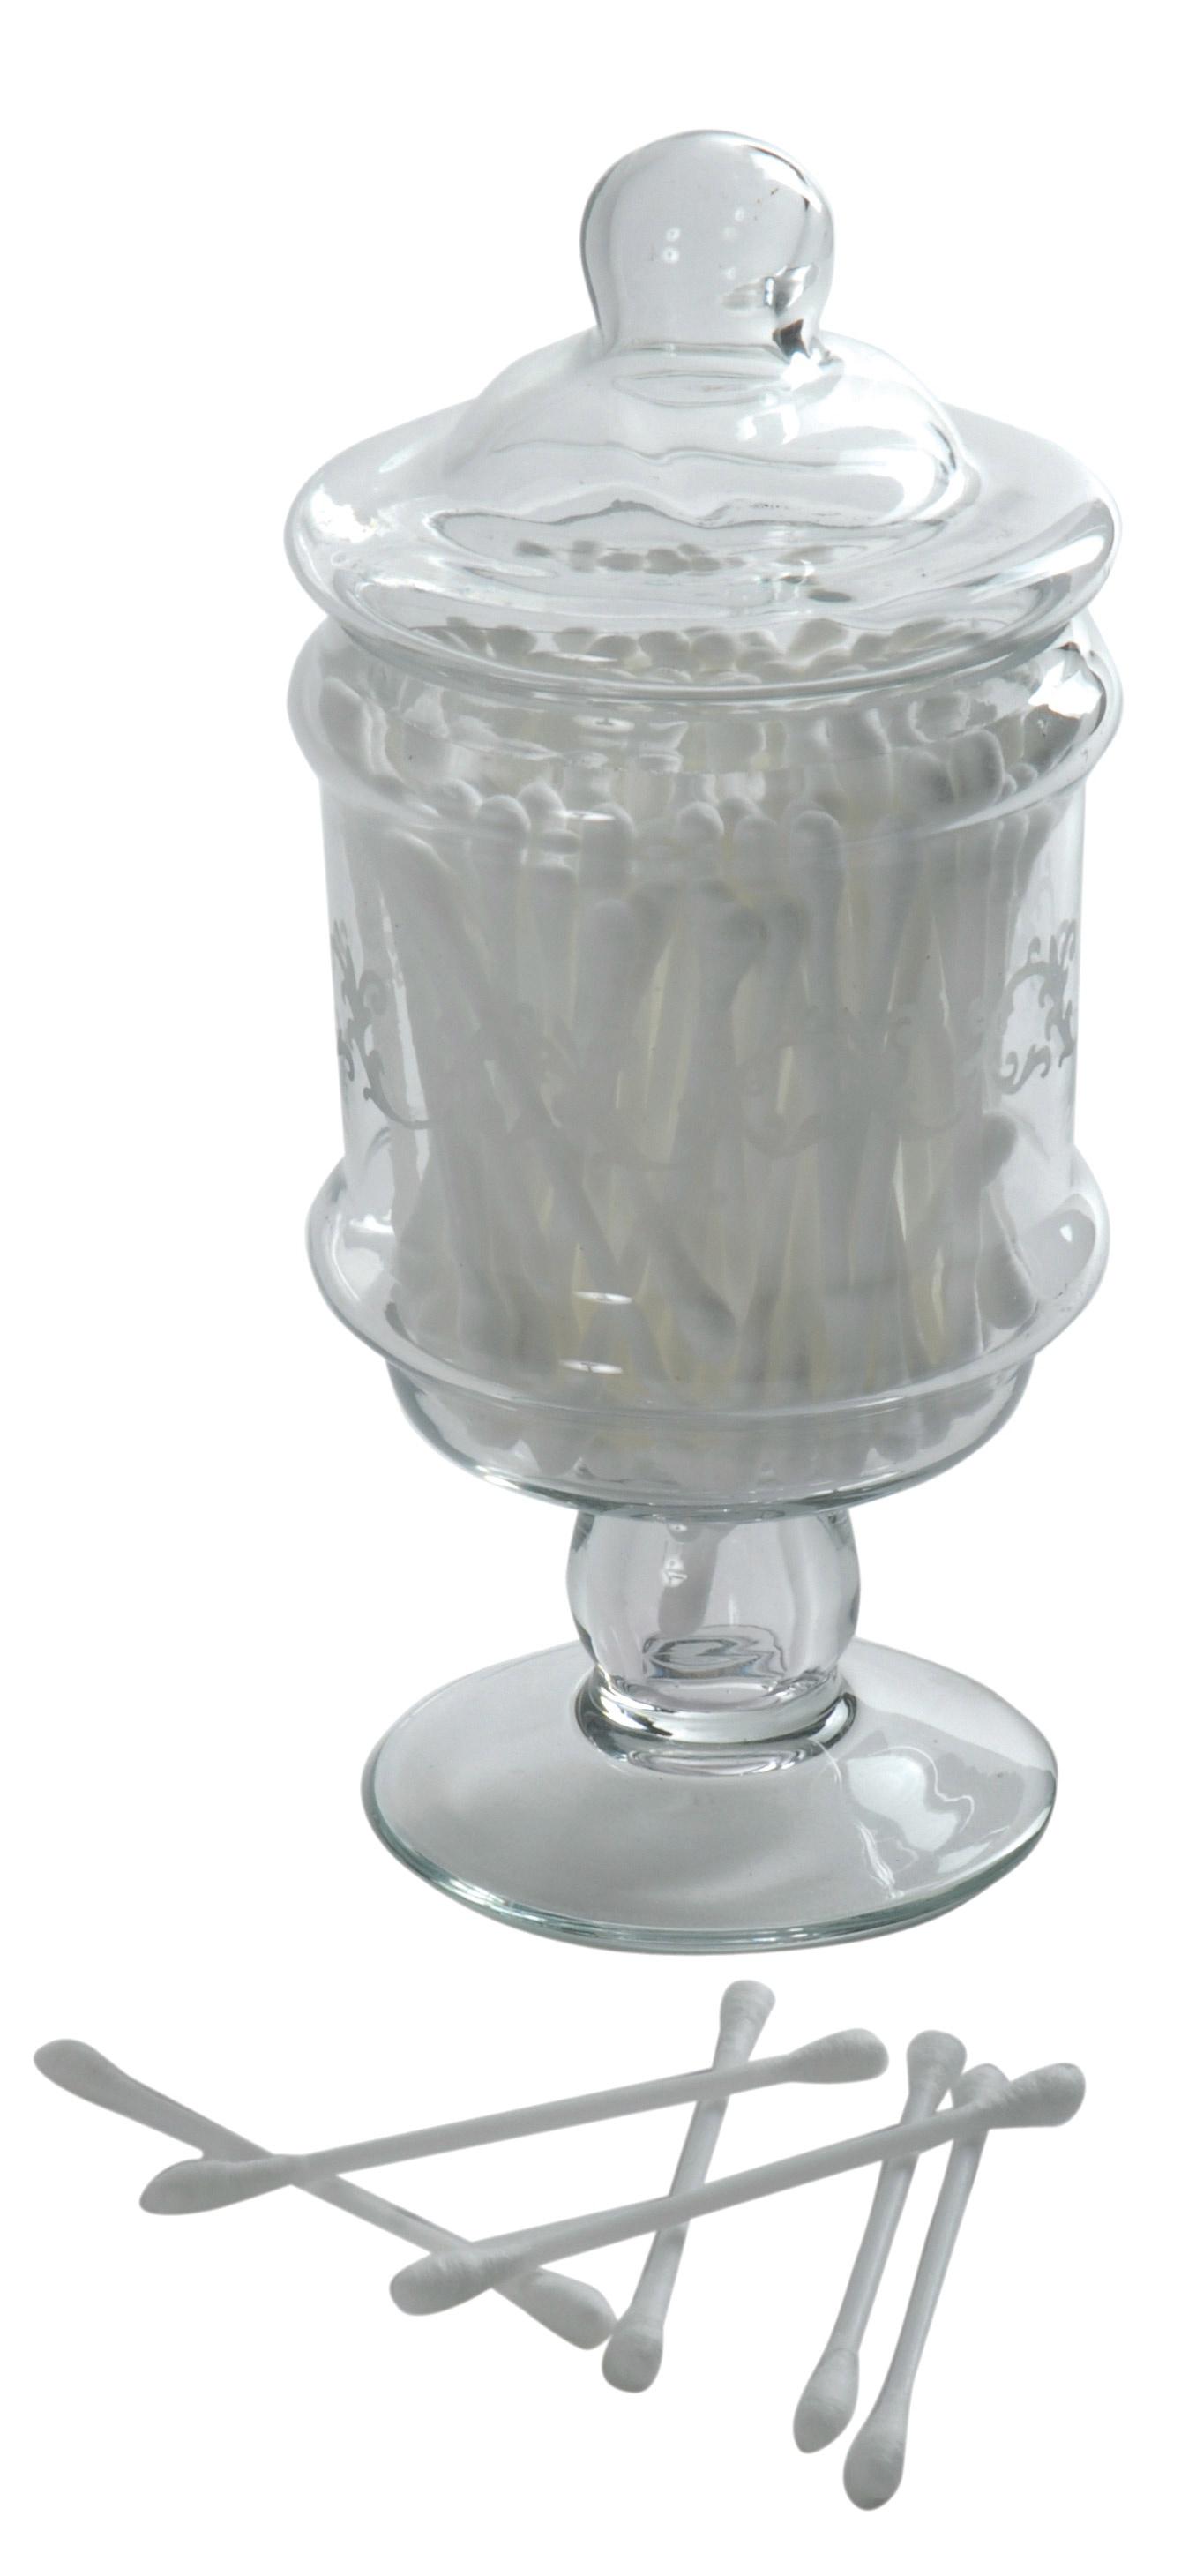 Вазочка с крышкой вазочка с крышкой due esse christmas вазочка с крышкой